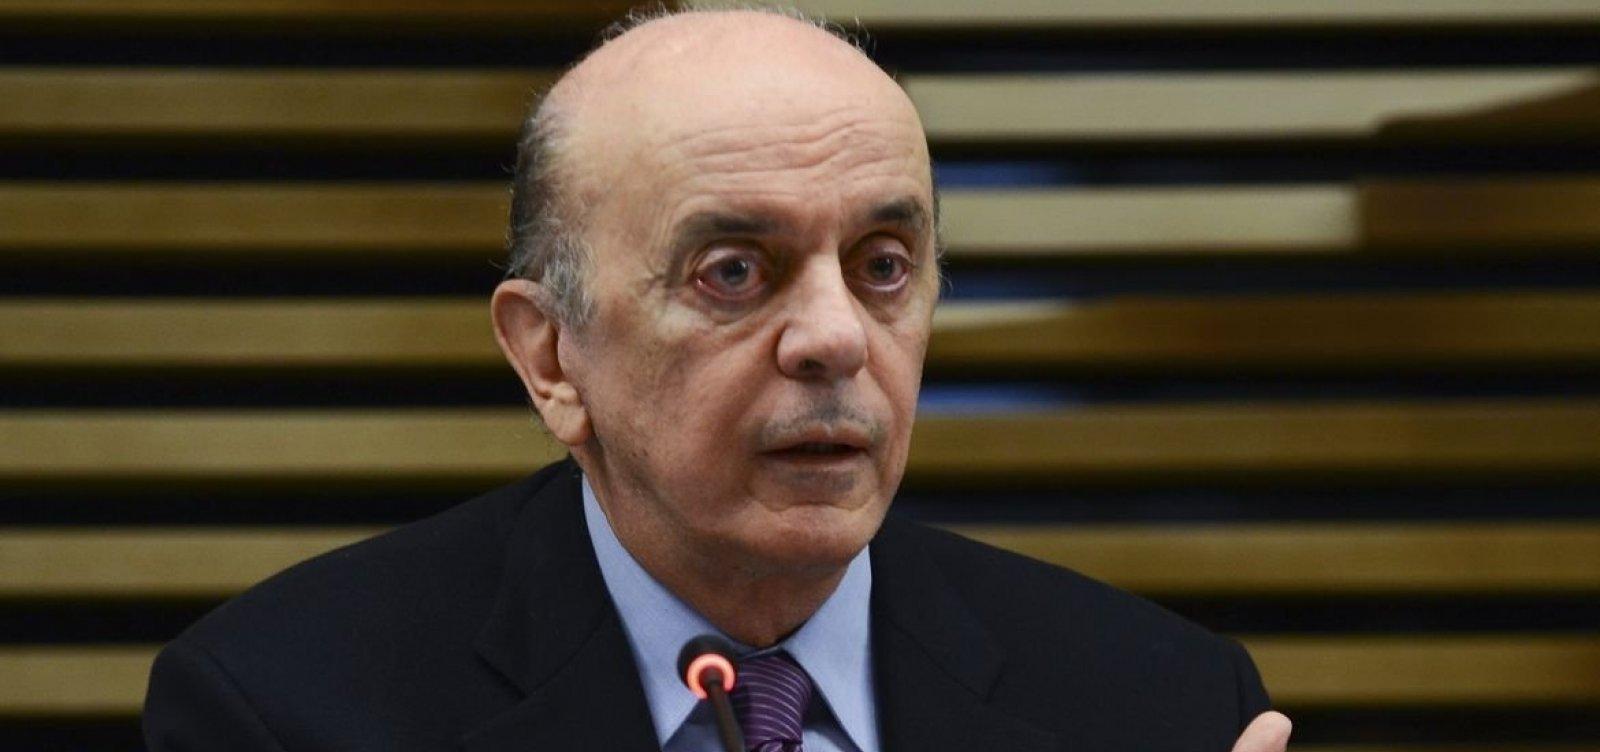 [Após decisão de Toffoli, juiz suspende ação que tornou Serra réu por lavagem de dinheiro]